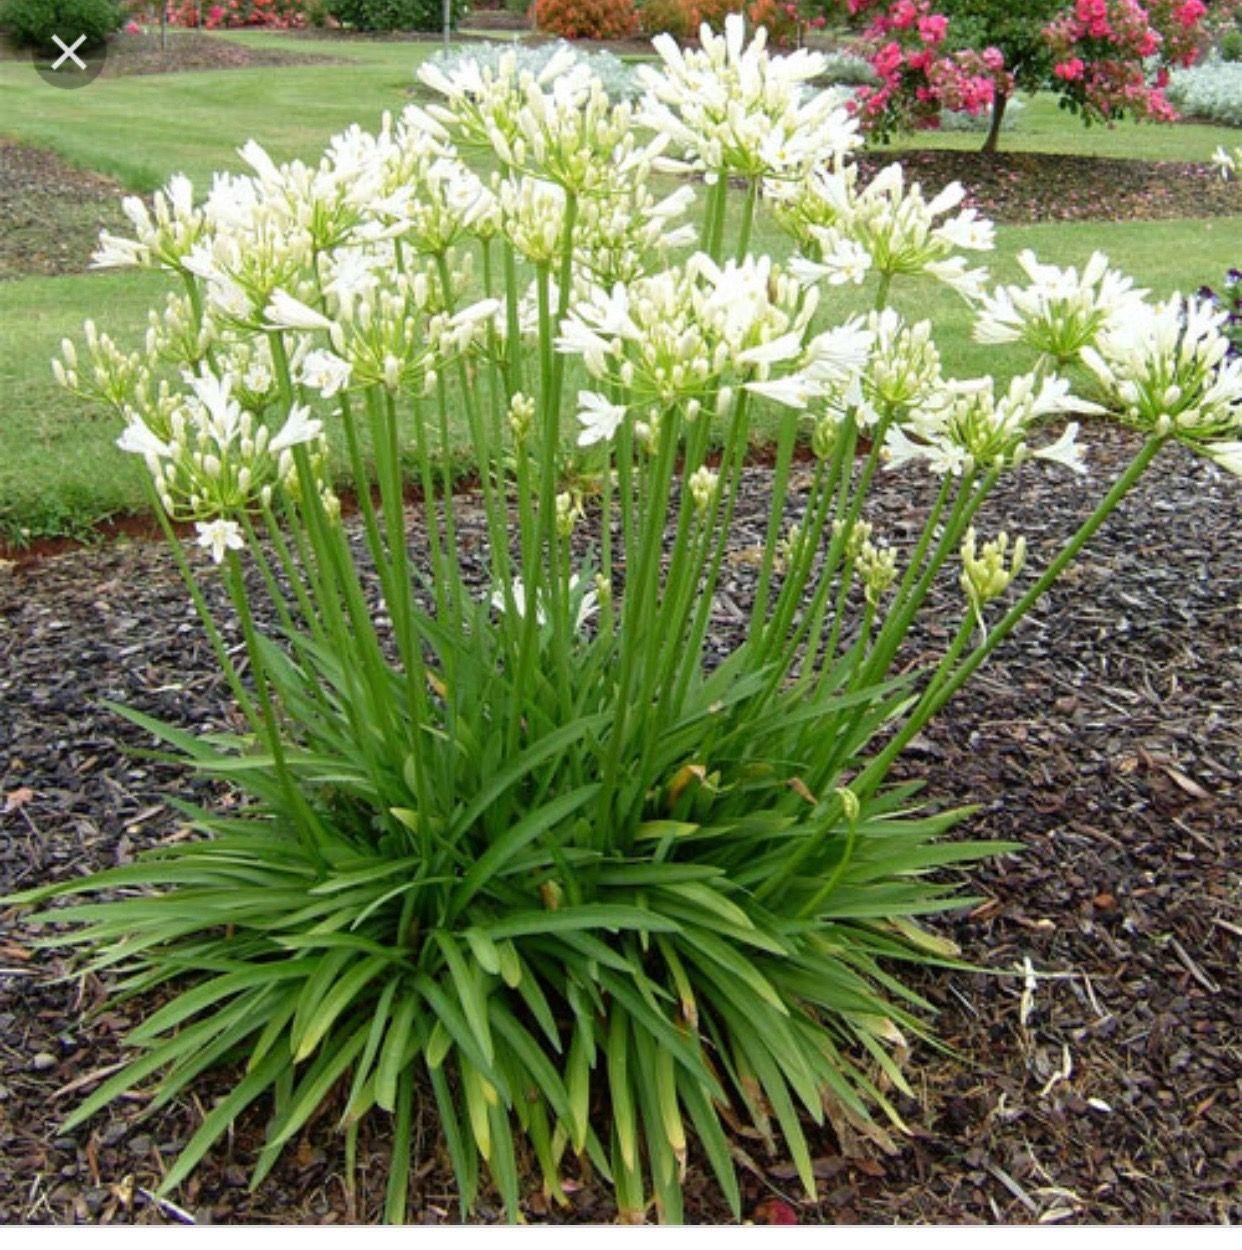 Agapanthus africanus 'Peter Pan Plants, White gardens